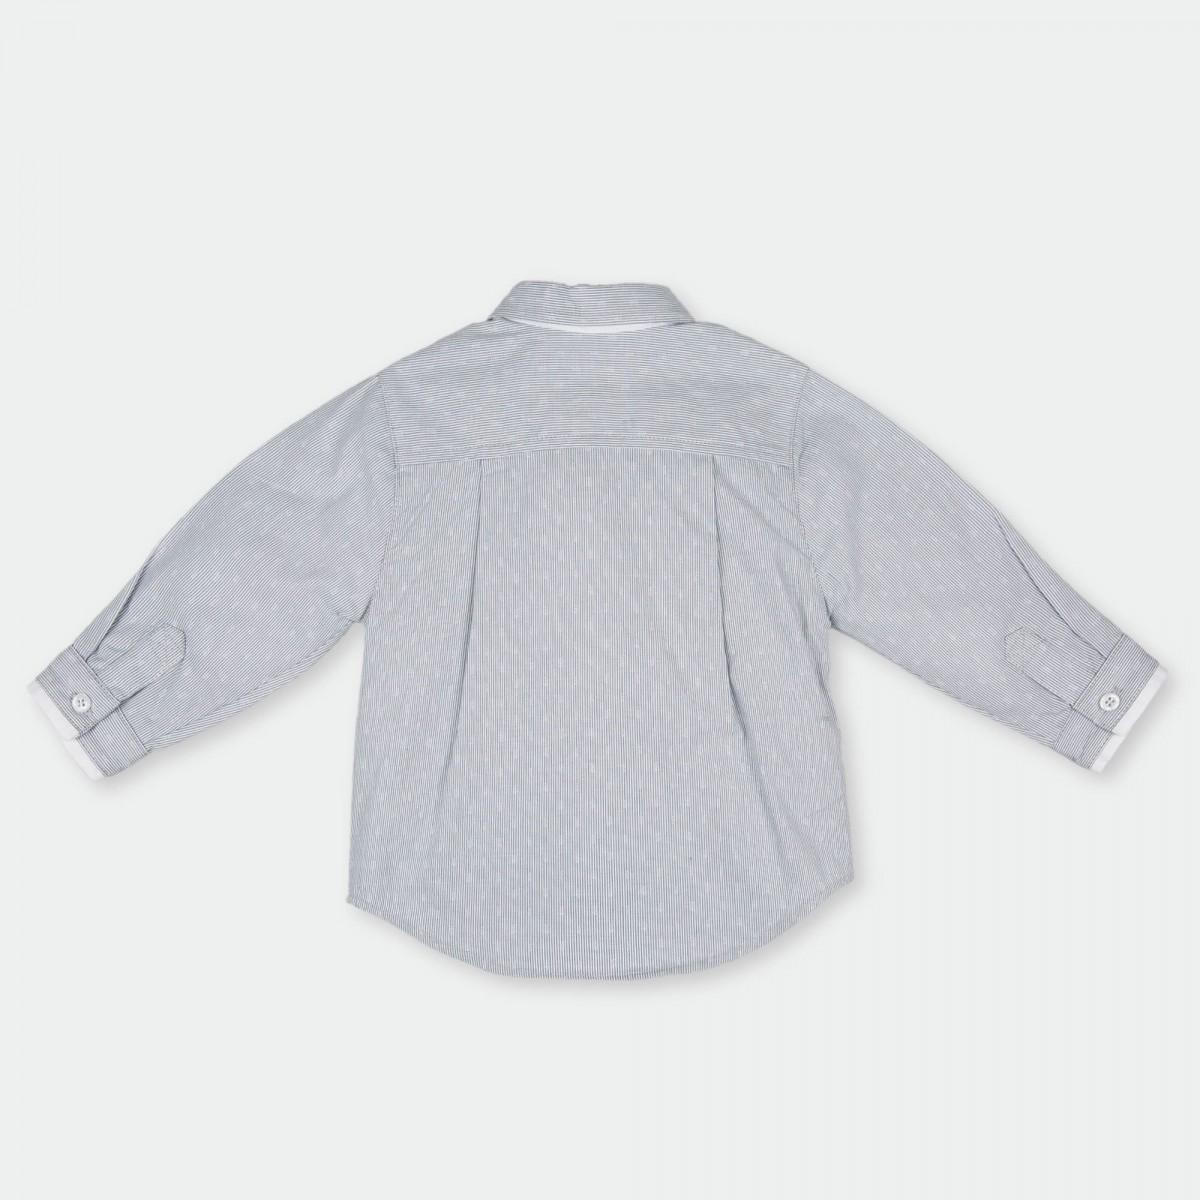 Camisa m/l_2043S17